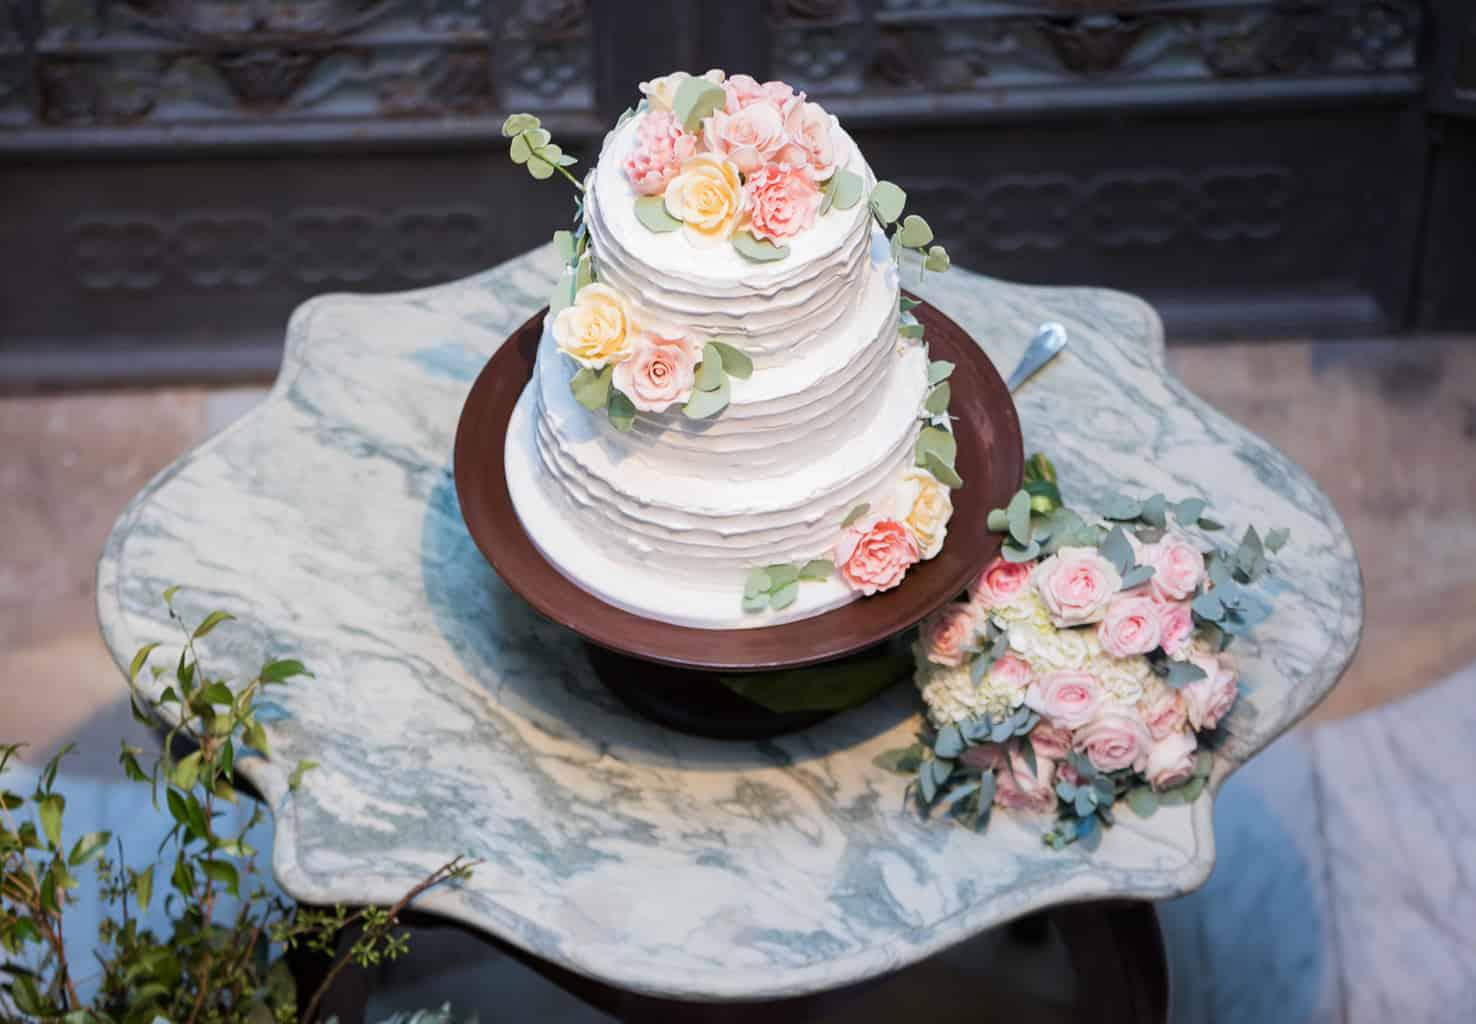 bolo-de-casamento-Casa-Capuri-casamento-Roberta-e-Rodrigo-Rodrigo-Sack169